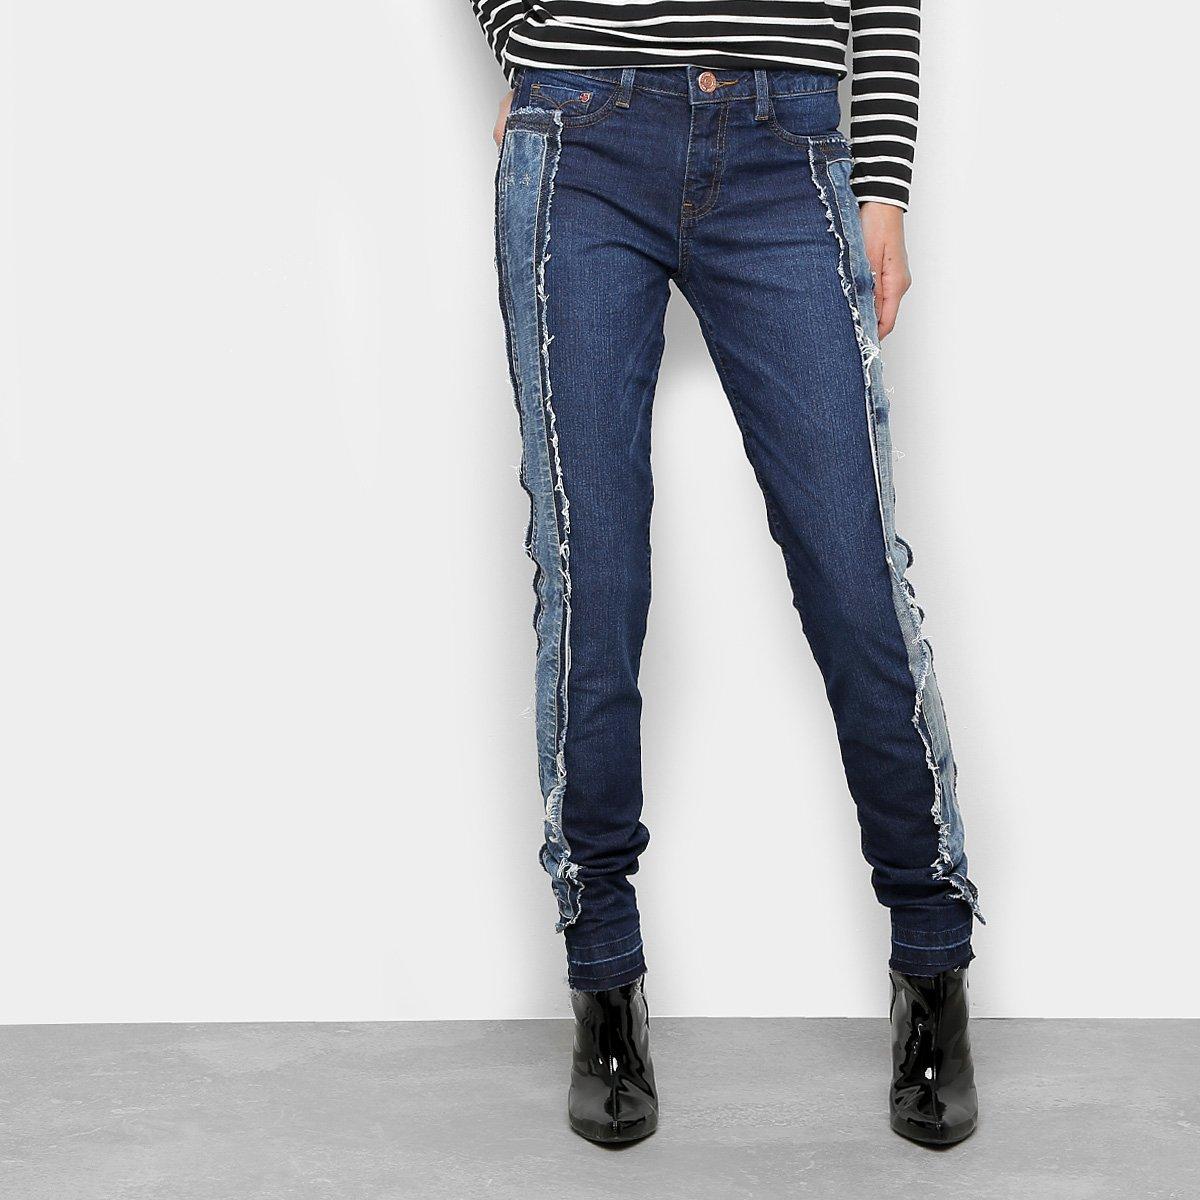 Calça Jeans Reta Carmim Upcycling Cintura Média Feminina